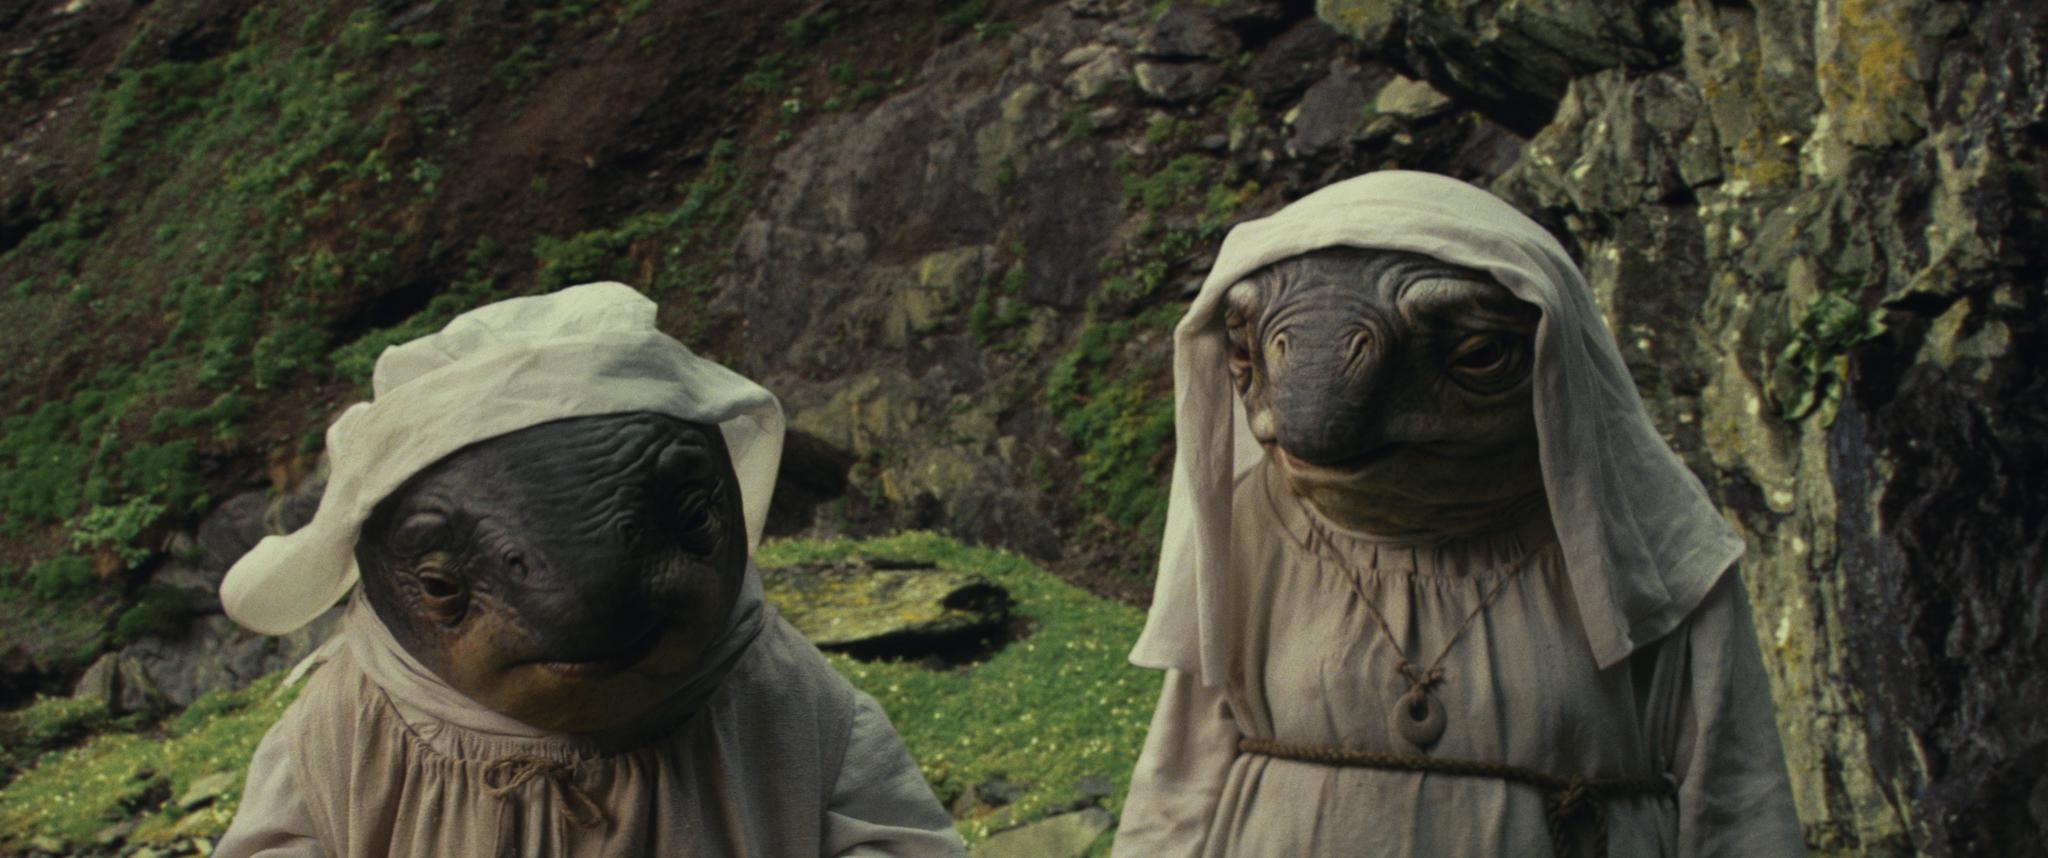 Az Ahch-To lakói ezek a kétéltű lények is, akik évezredeken át gondját viselték az ősi templomnak, de nincsenek elragadtatva Luke jelenlététől.<br /><br />Remélem, nem állnak össze kórussá... :)